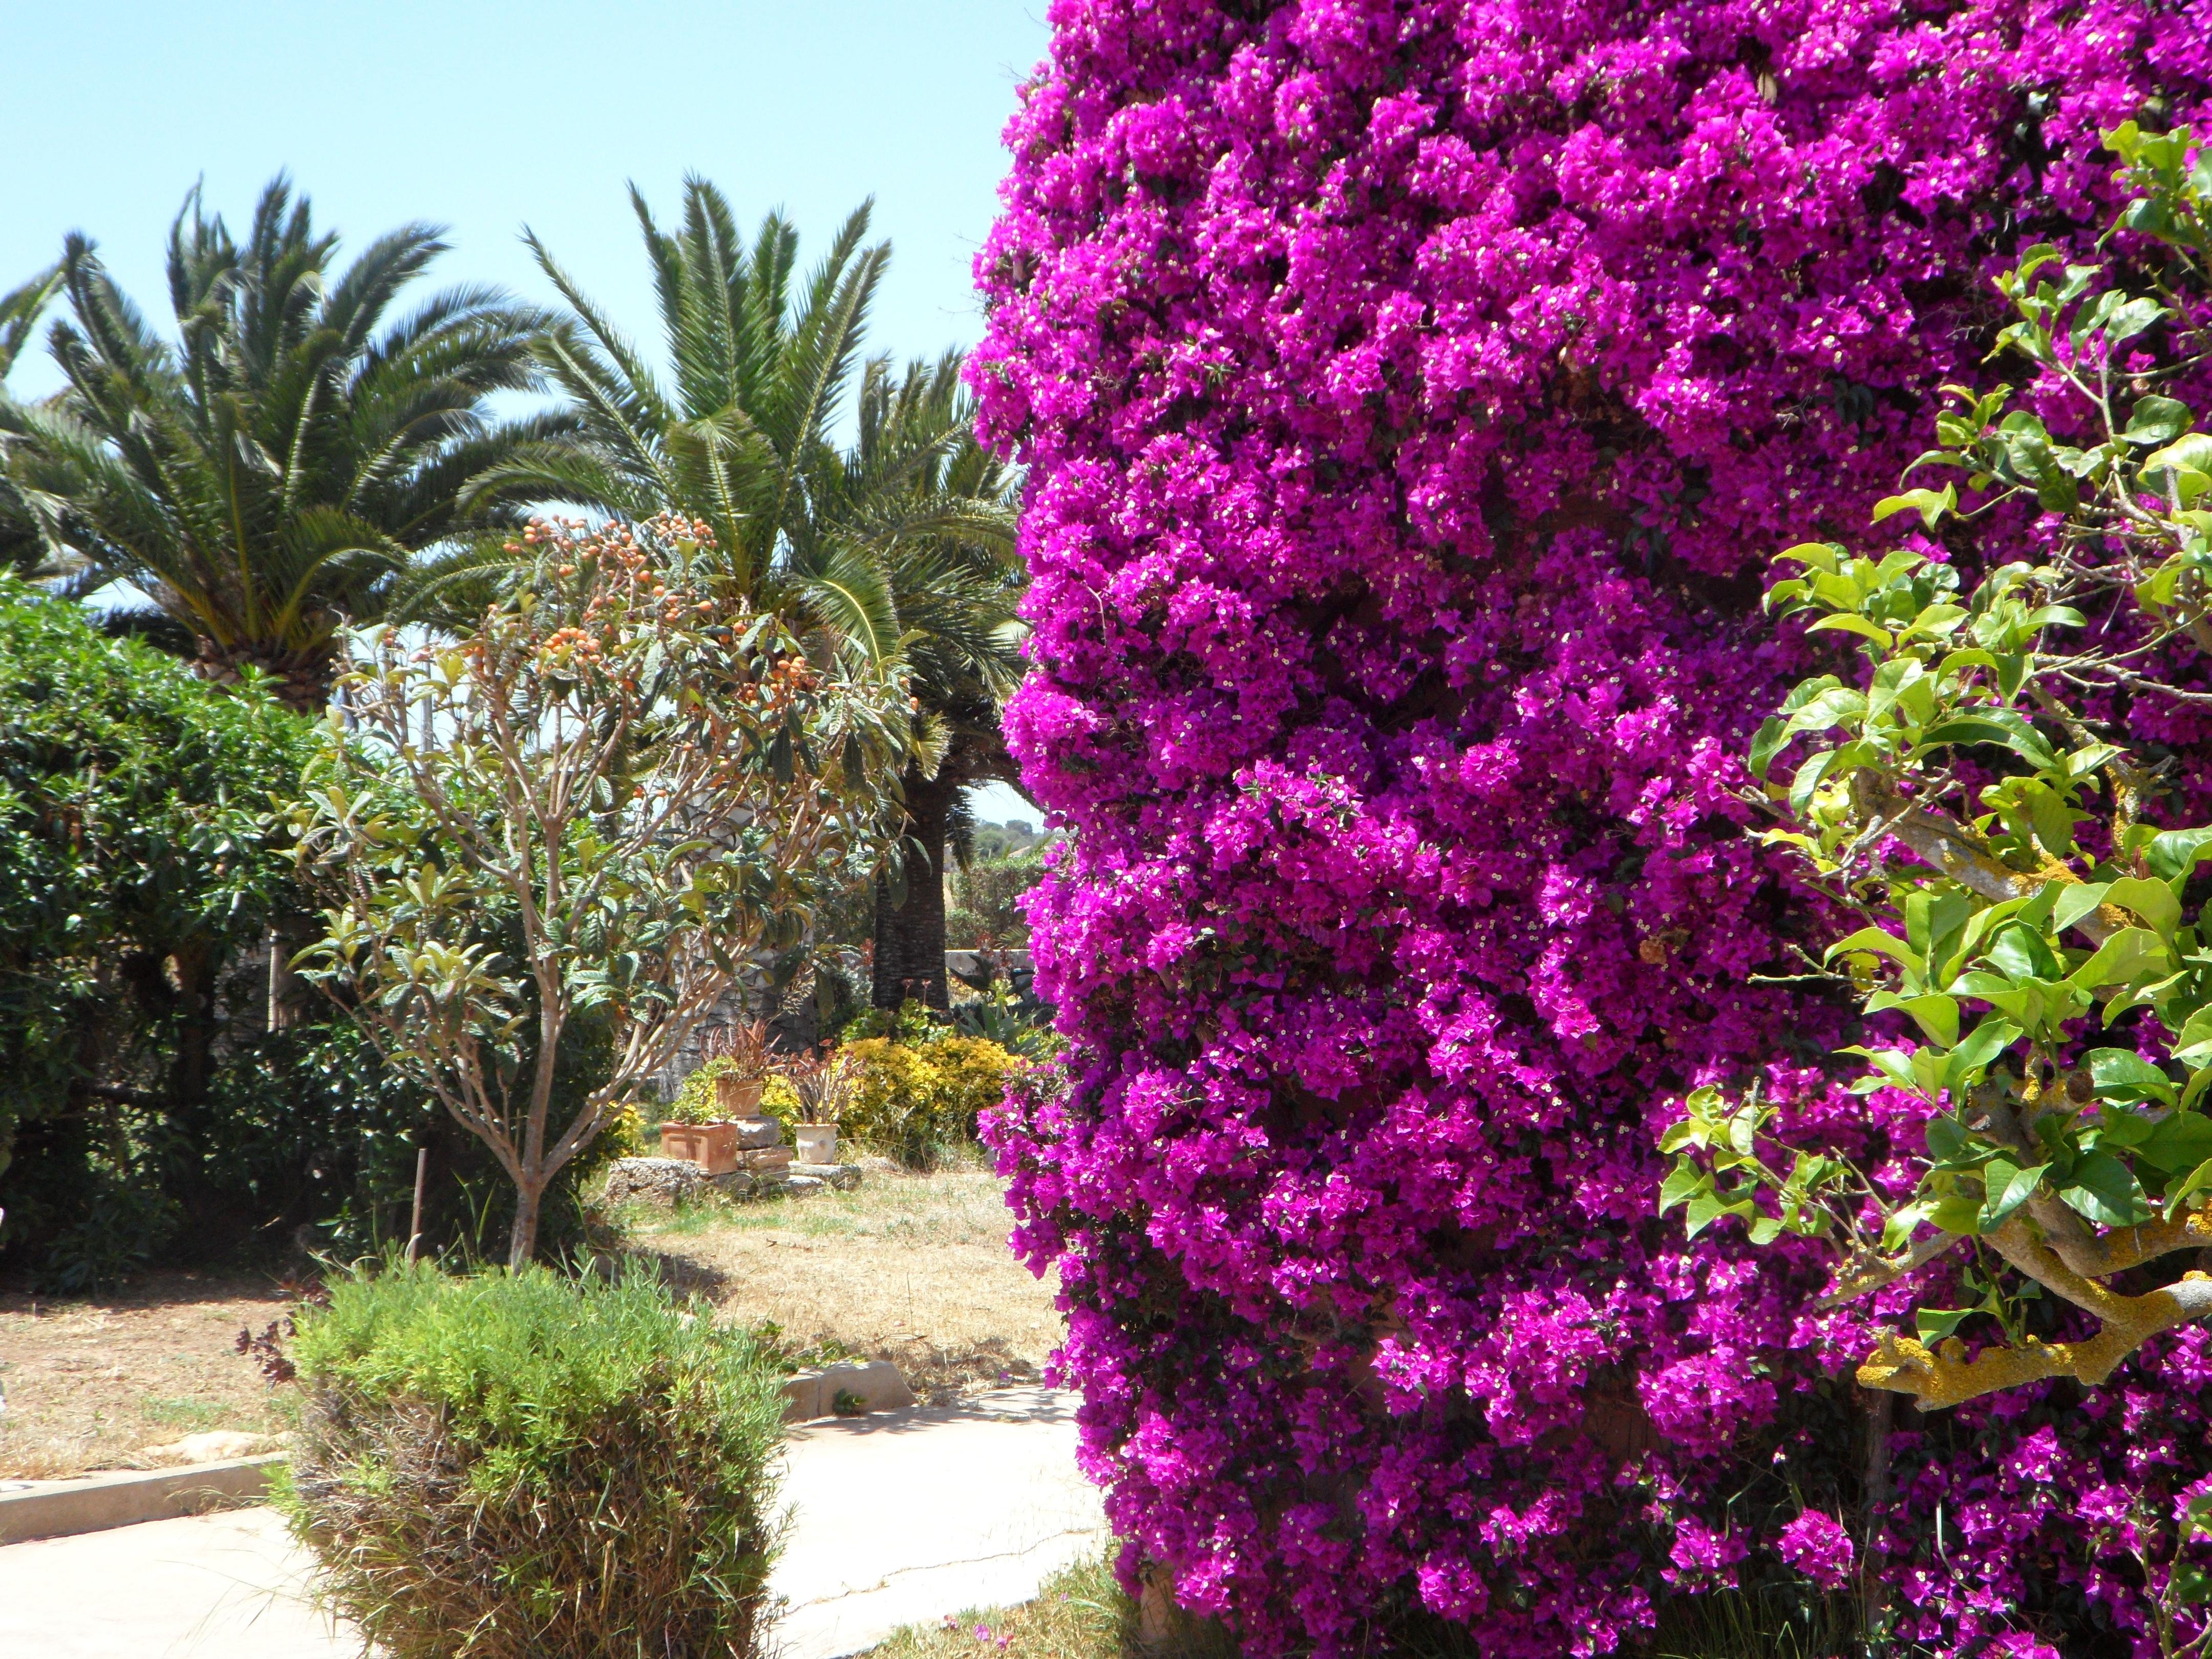 Arbustos perennes con flor rbol rama flor planta hoja - Arbustos perennes con flor ...